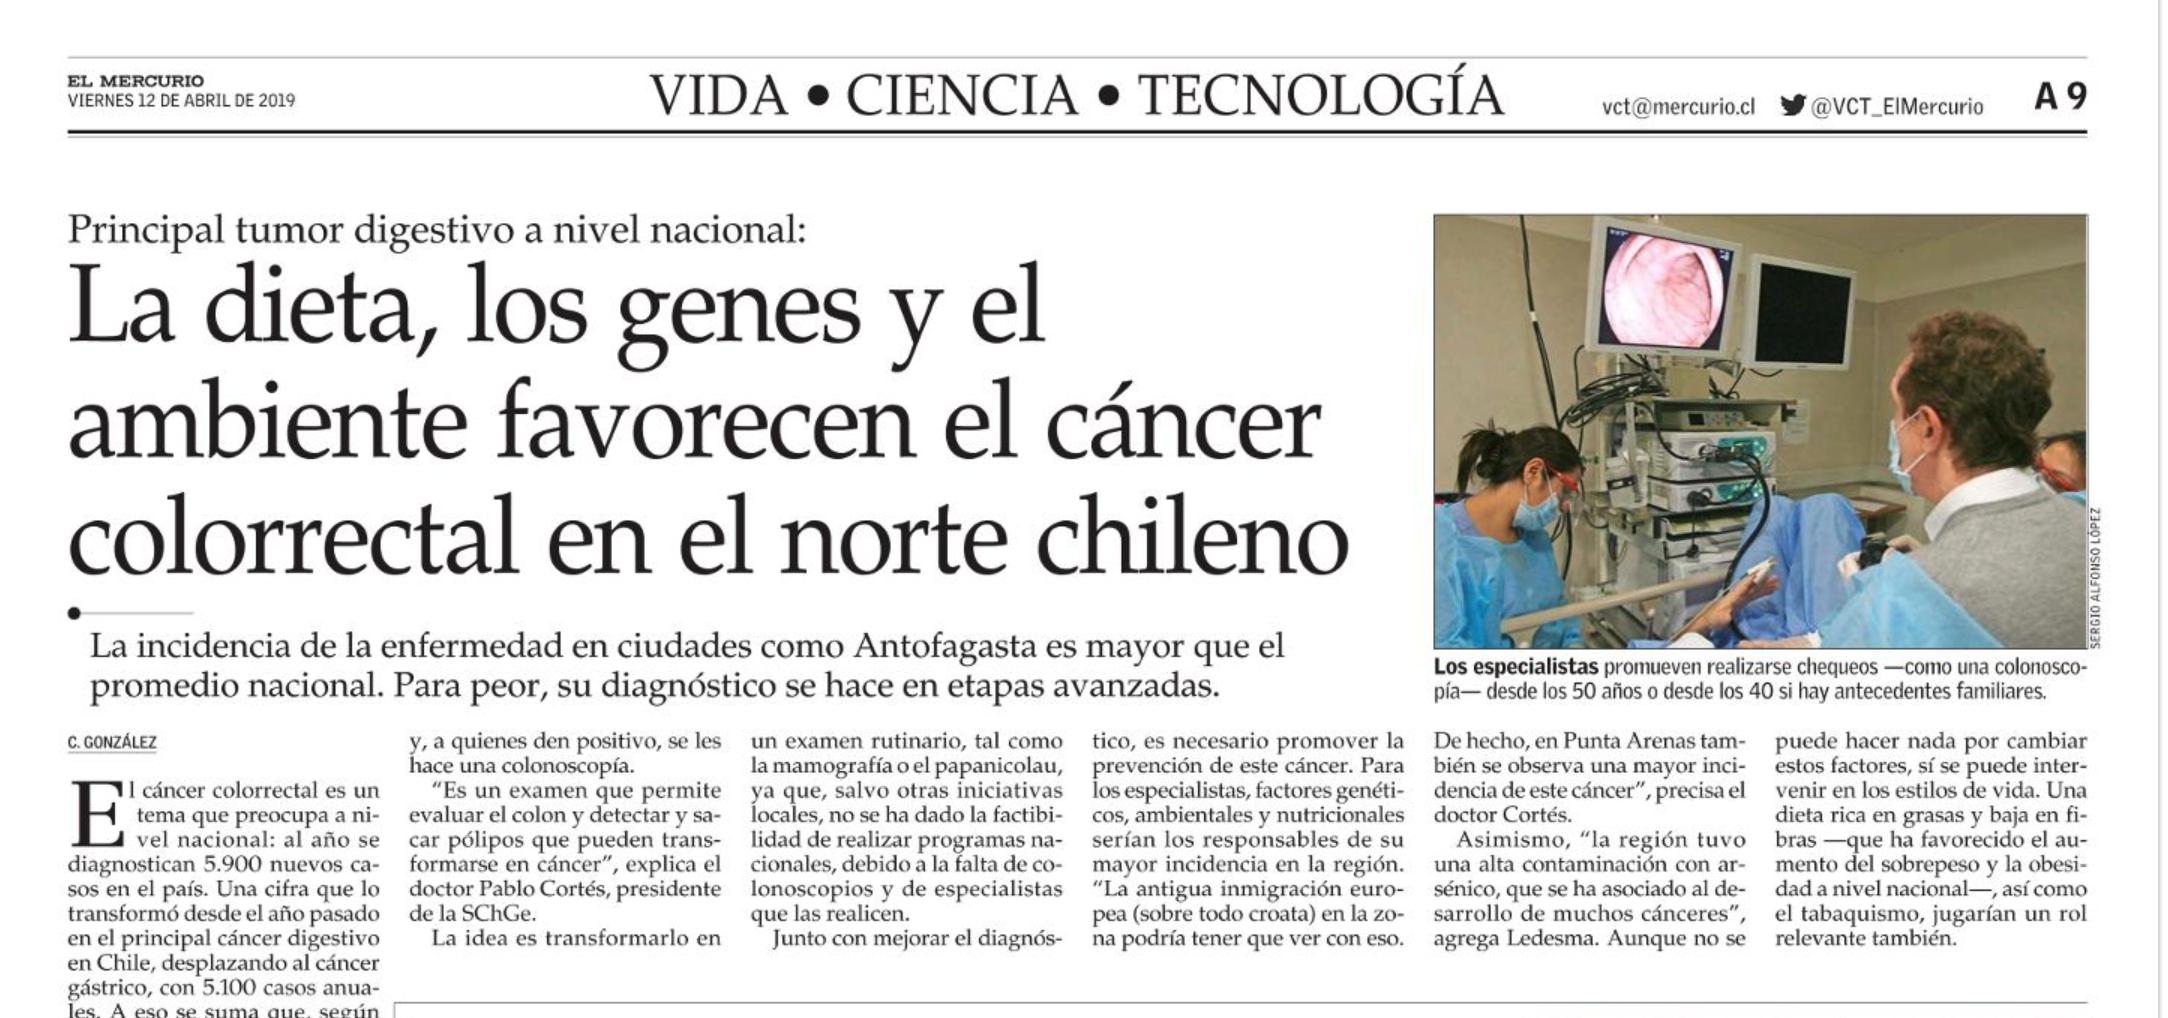 LA DIETA, LOS GENES Y EL AMBIENTE, FAVORECEN EL CÁNCER COLORRECTAL - DR. SERGIO LEDESMA